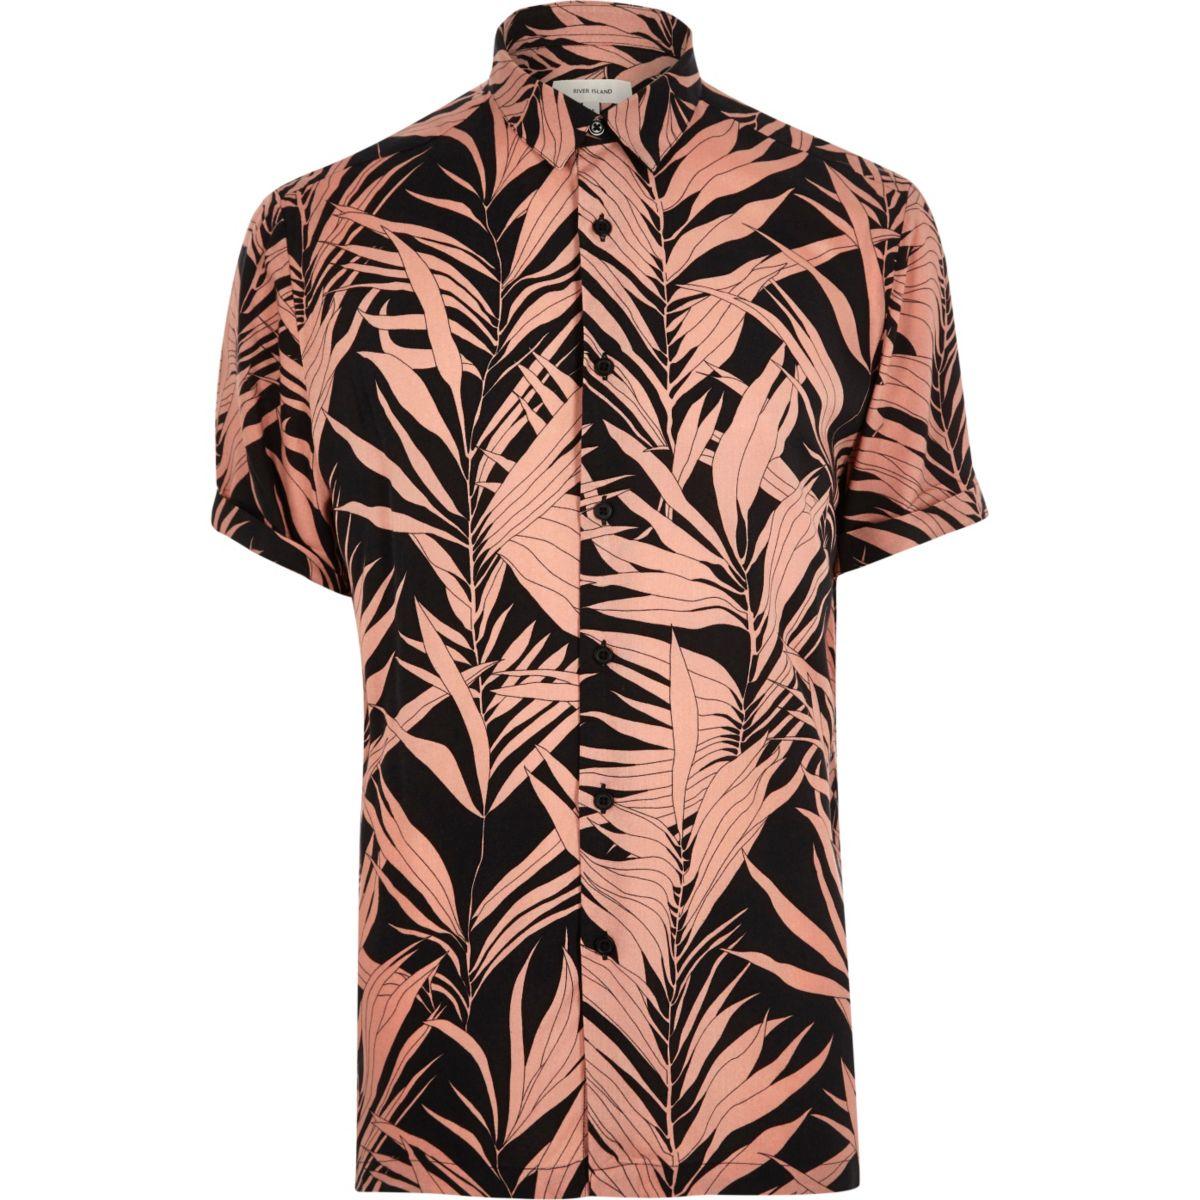 Chemise imprimé bambou rose à manches courtes